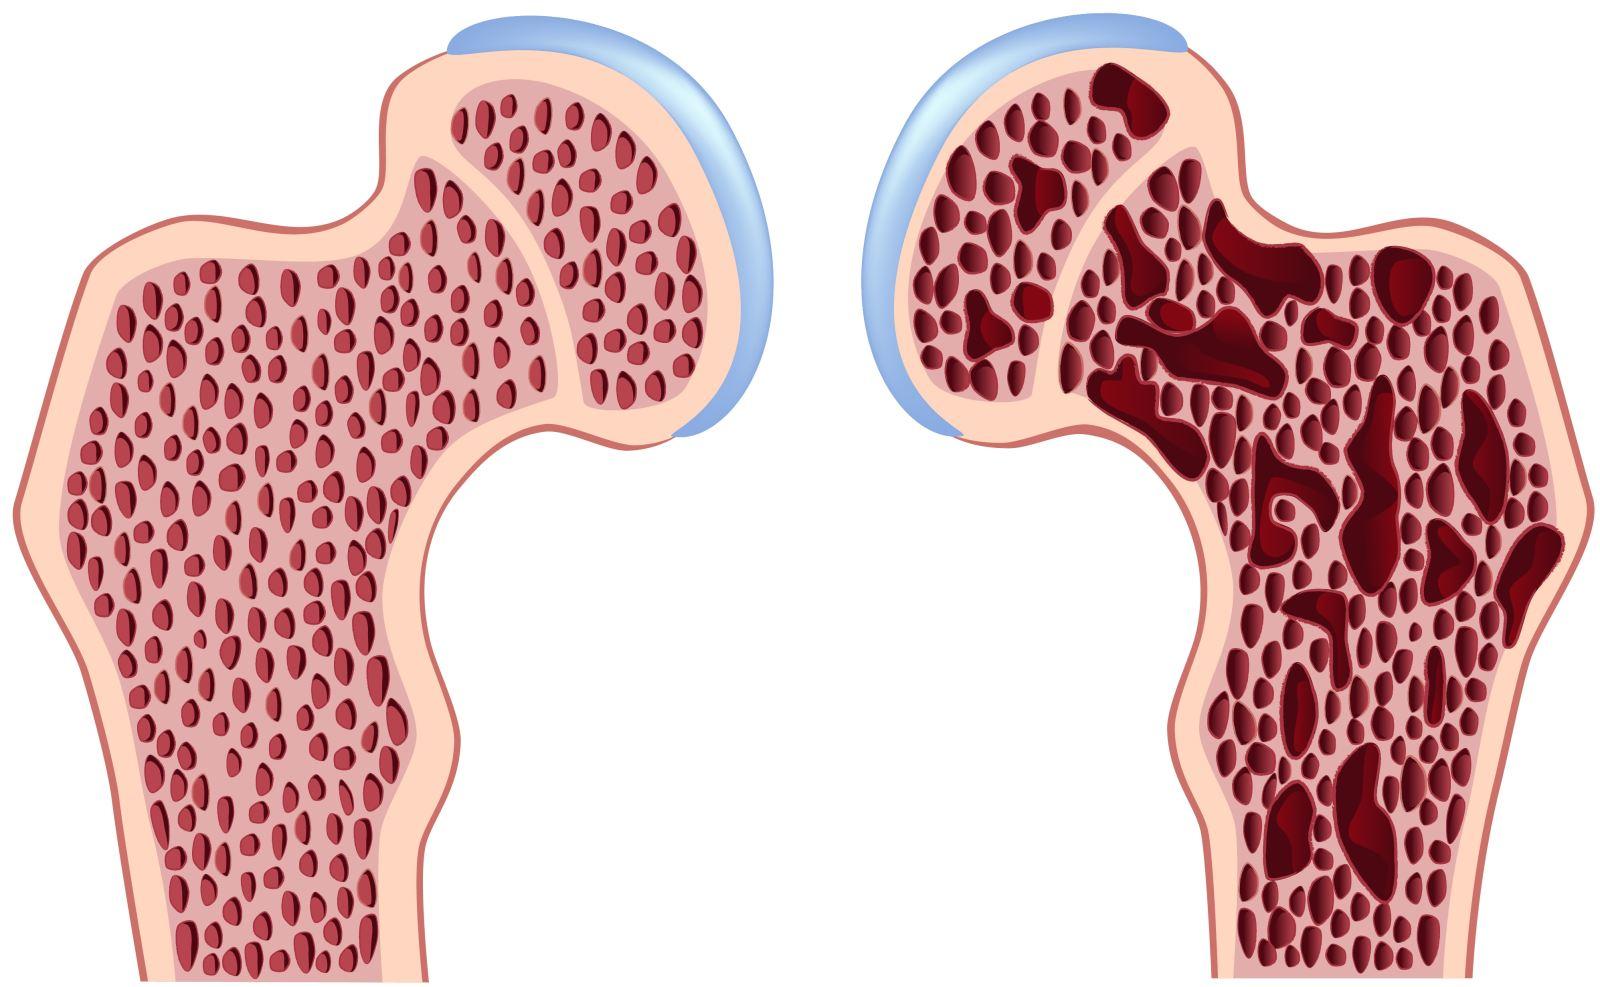 Остеопороз — болезнь «пористых костей»